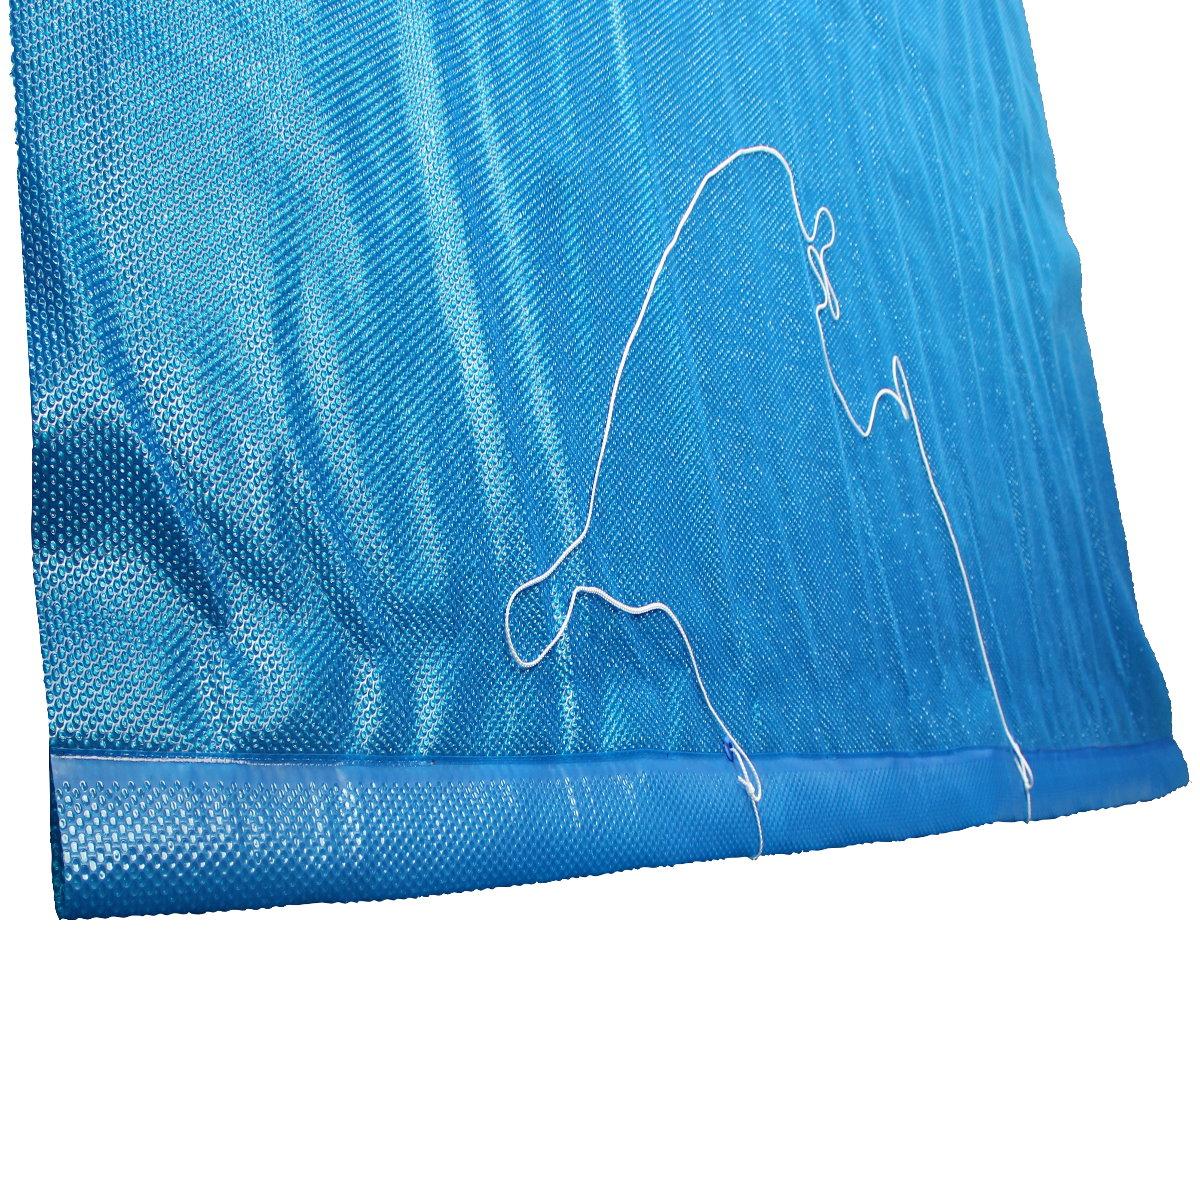 solarfolie blau 400my mit 80cm f r aufrollvorrichtung f r rechteckbecken pool chlor shop. Black Bedroom Furniture Sets. Home Design Ideas